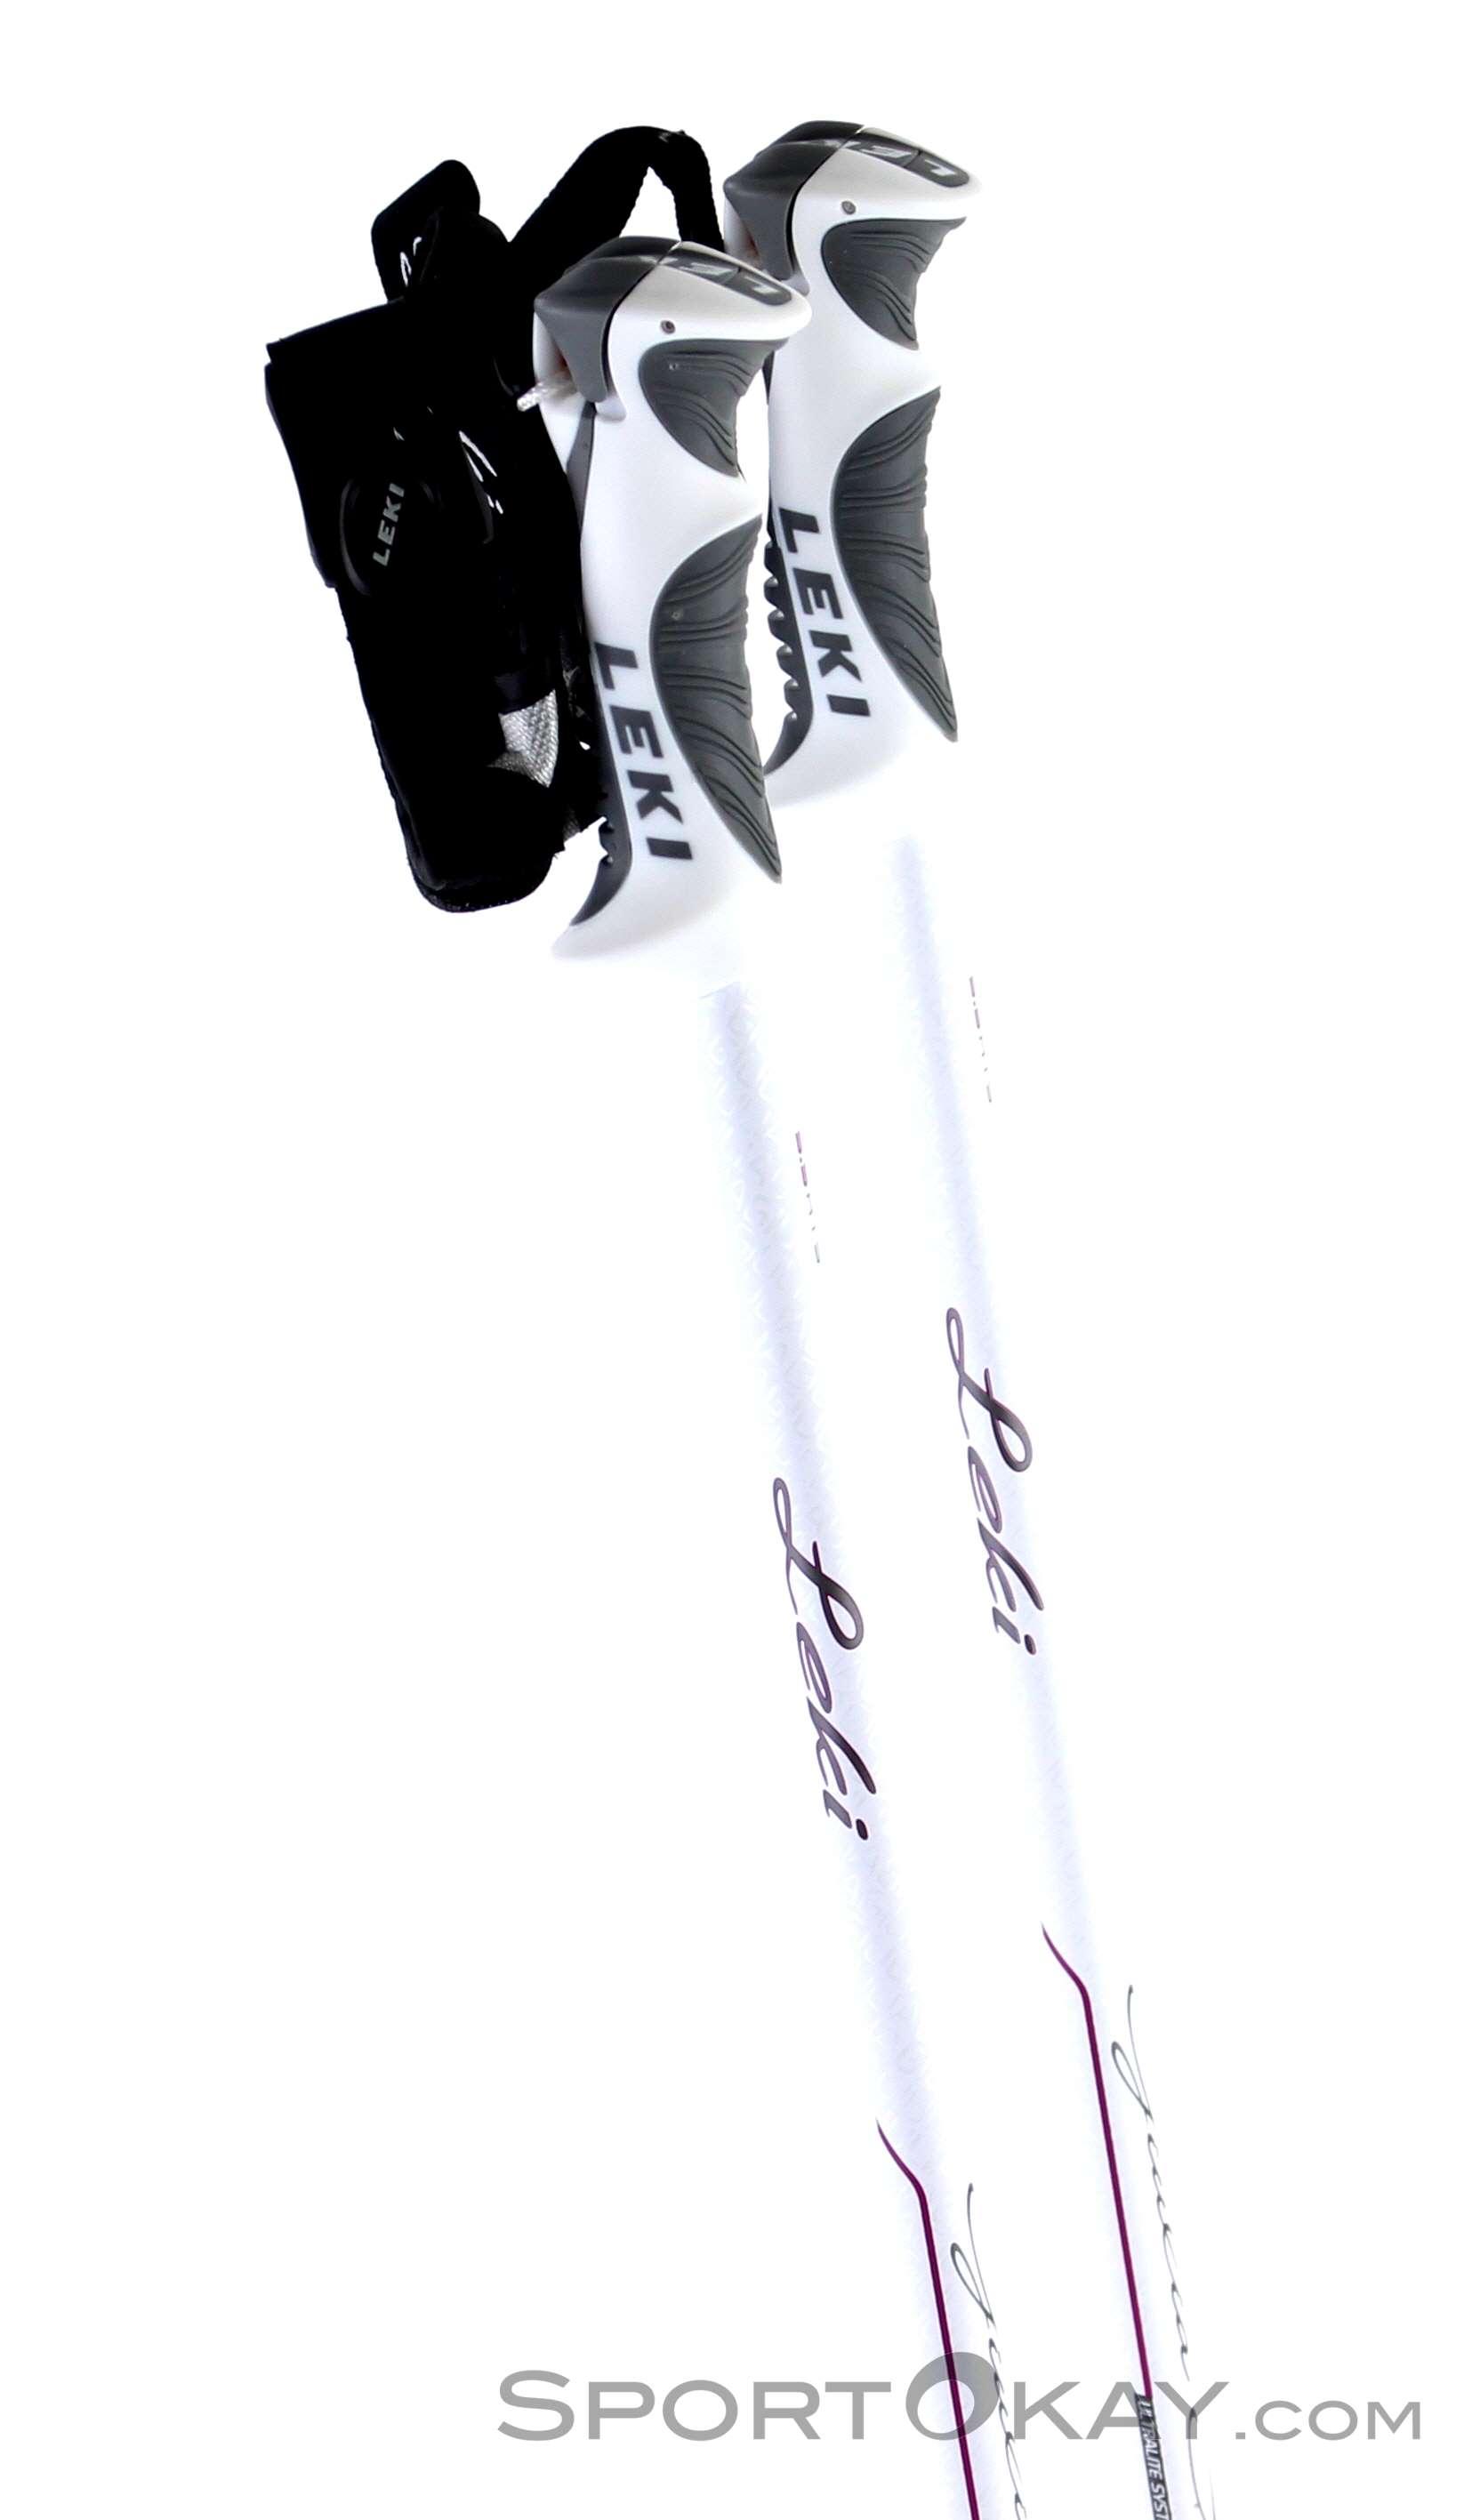 Leki Giulia S Womens Ski Pole - Alpine Ski Poles - Ski Poles - Ski ... 23d297bcd